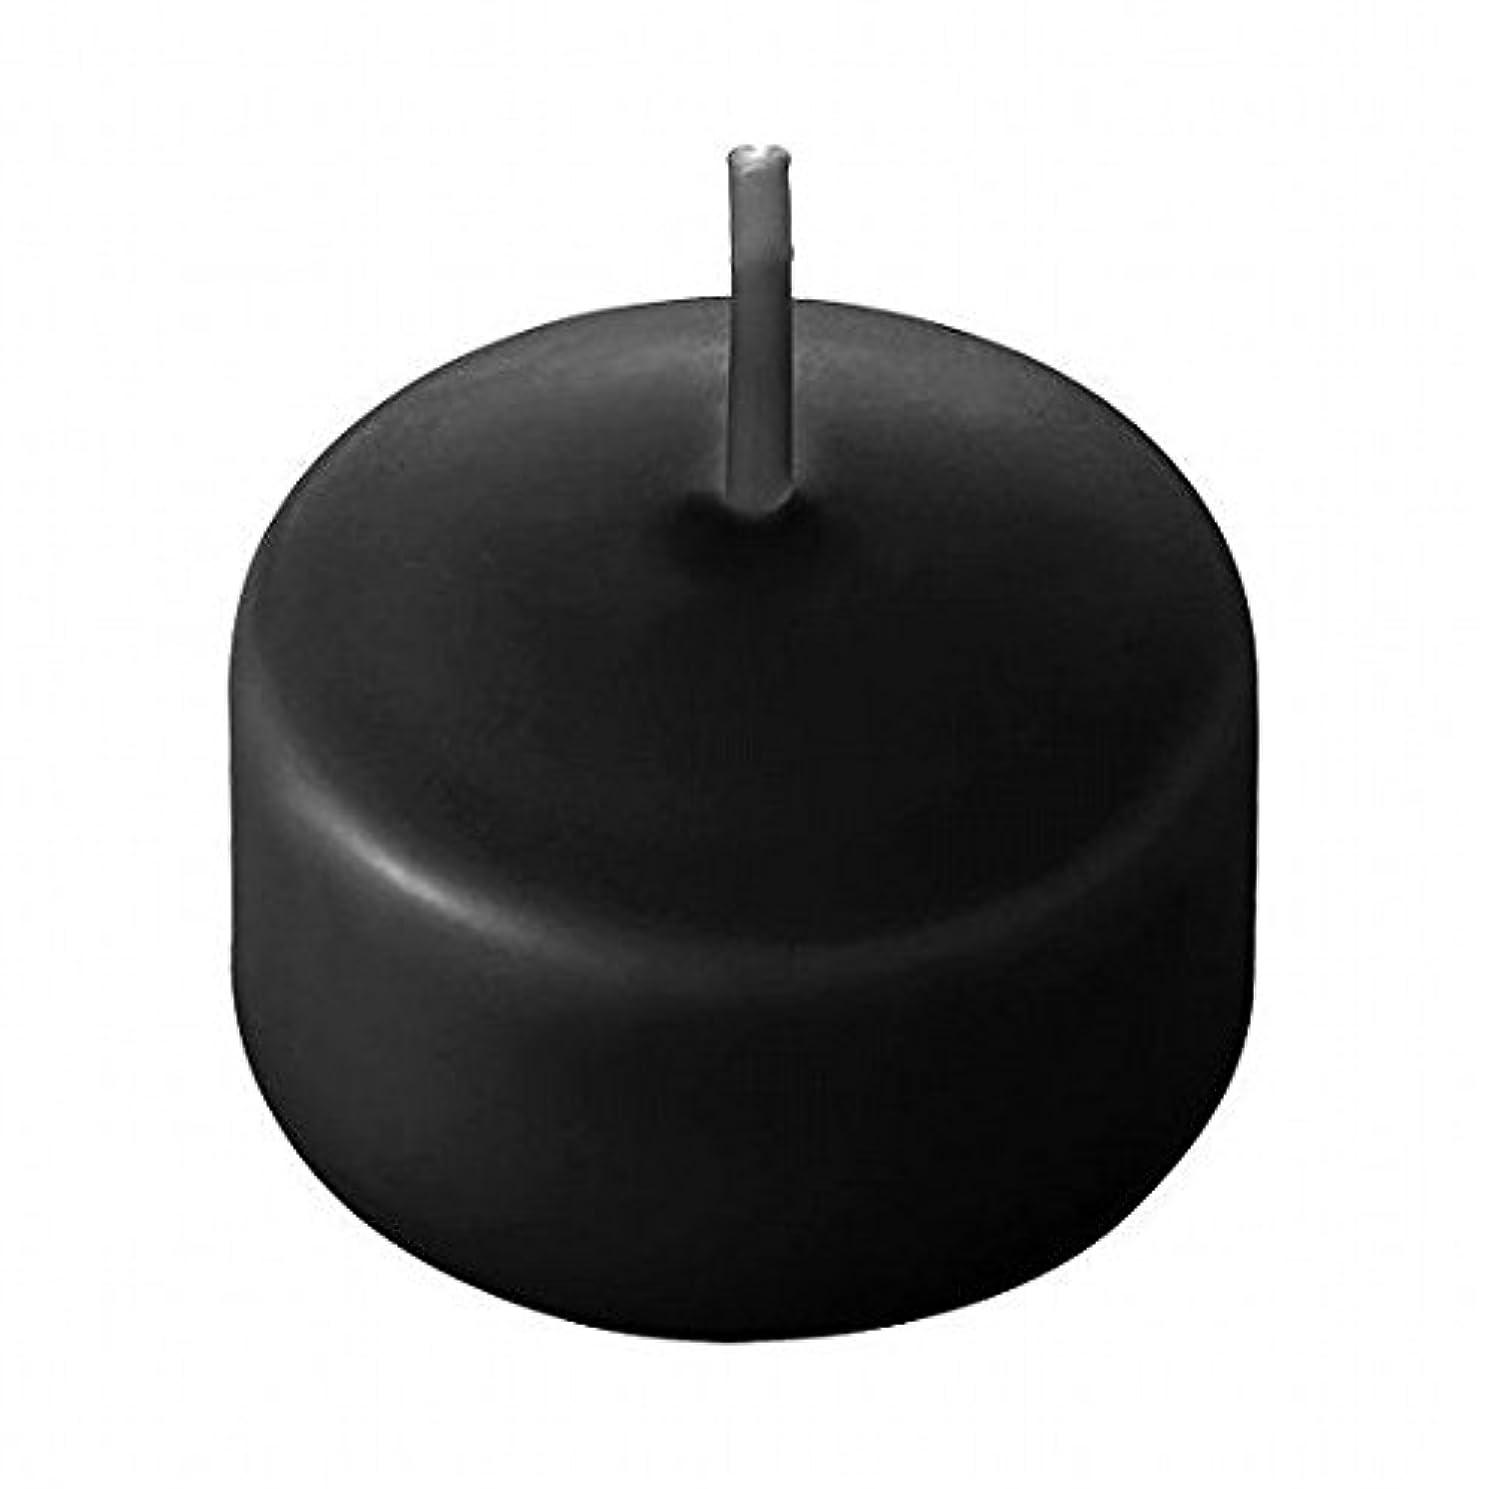 バンドブレーク帳面kameyama candle(カメヤマキャンドル) キャンドル ハッピープール(カラーアトリエ) 「 ブラック 」 24個入り キャンドル (72800000BK)